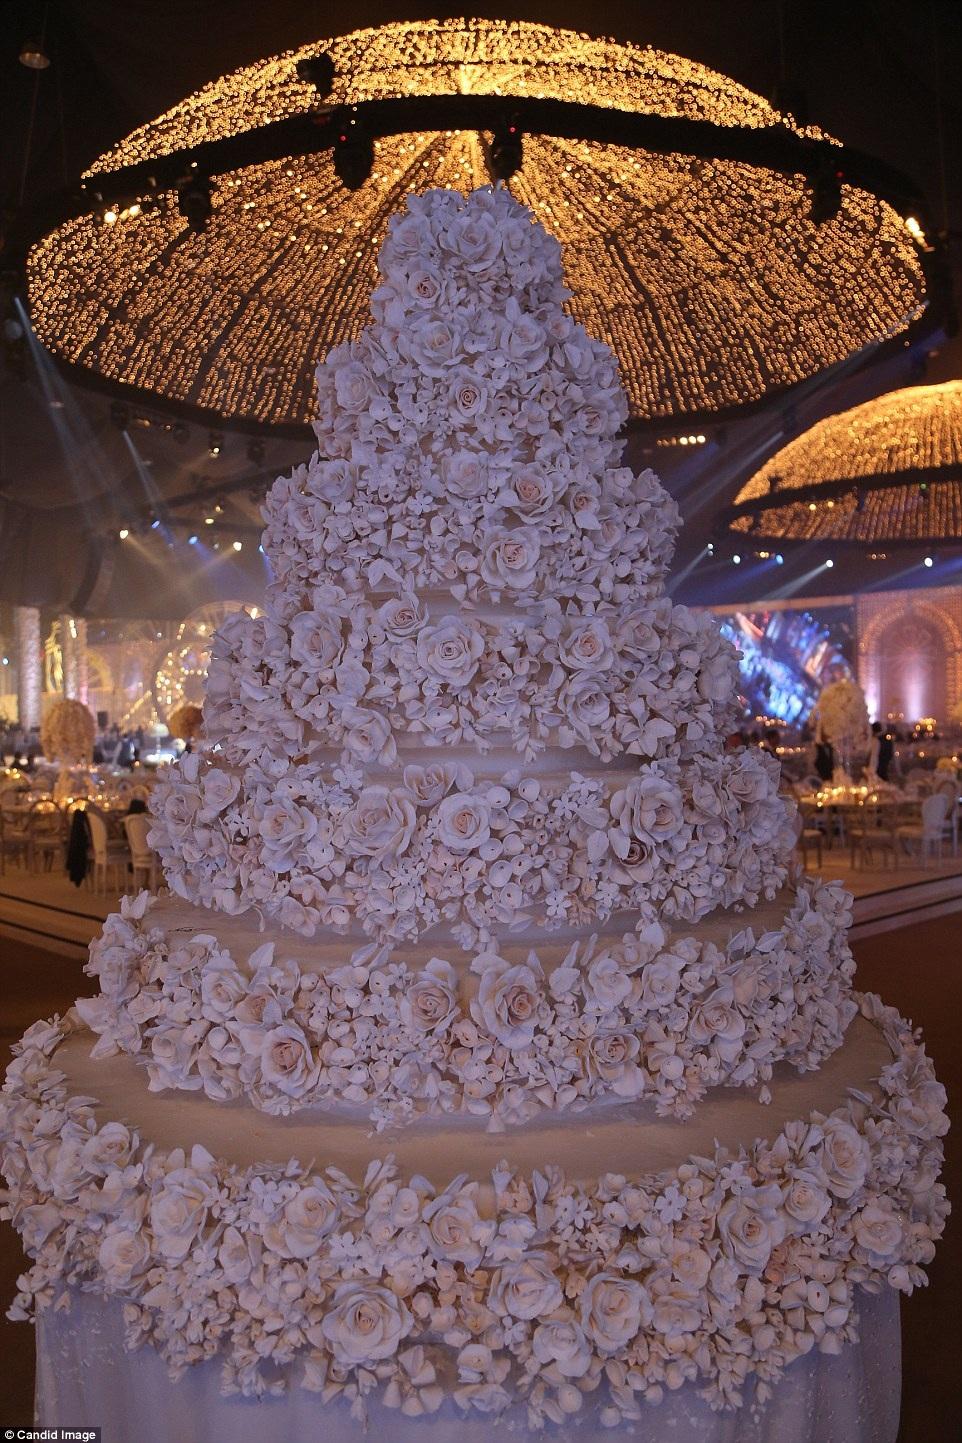 Bắt mắt nhất tiệc cưới là chiếc bánh kem khổng lồ cao 7 tầng